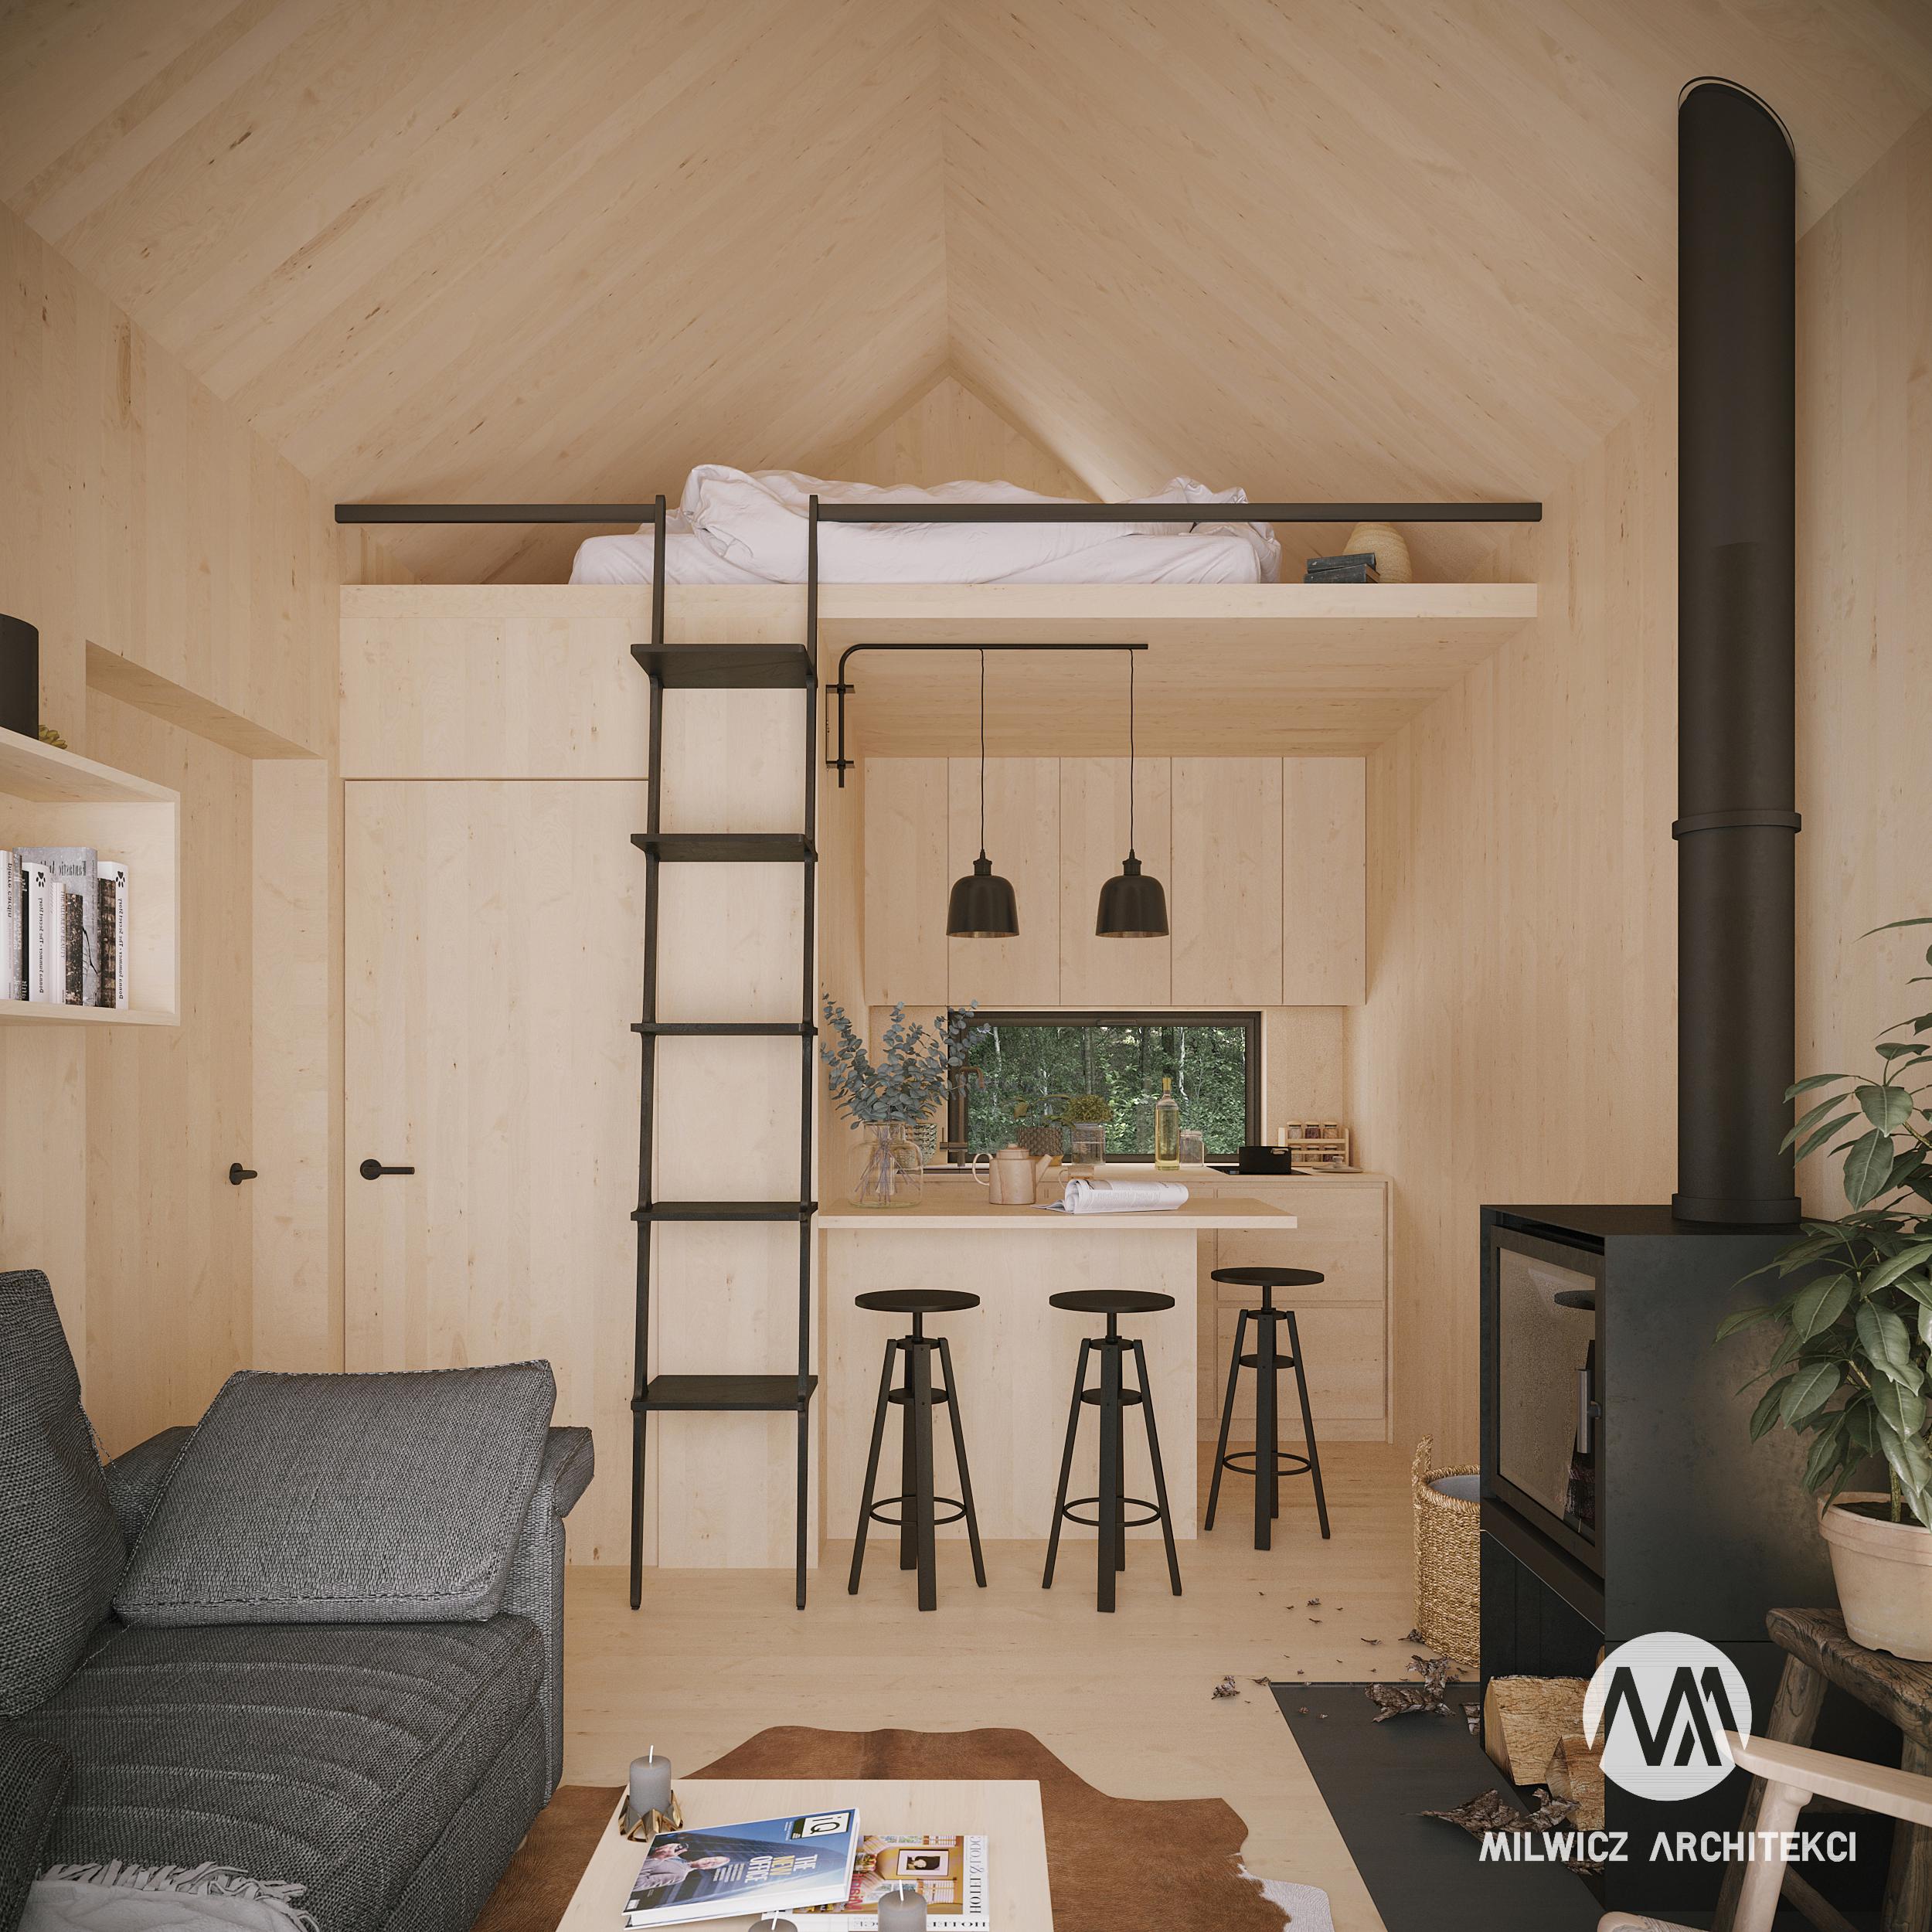 D16, projekty do 35m2, projekty wnętrz, projekt bez pozwolenia, dom na zgłoszenie, nowoczesna stodoła, kominek, antresola